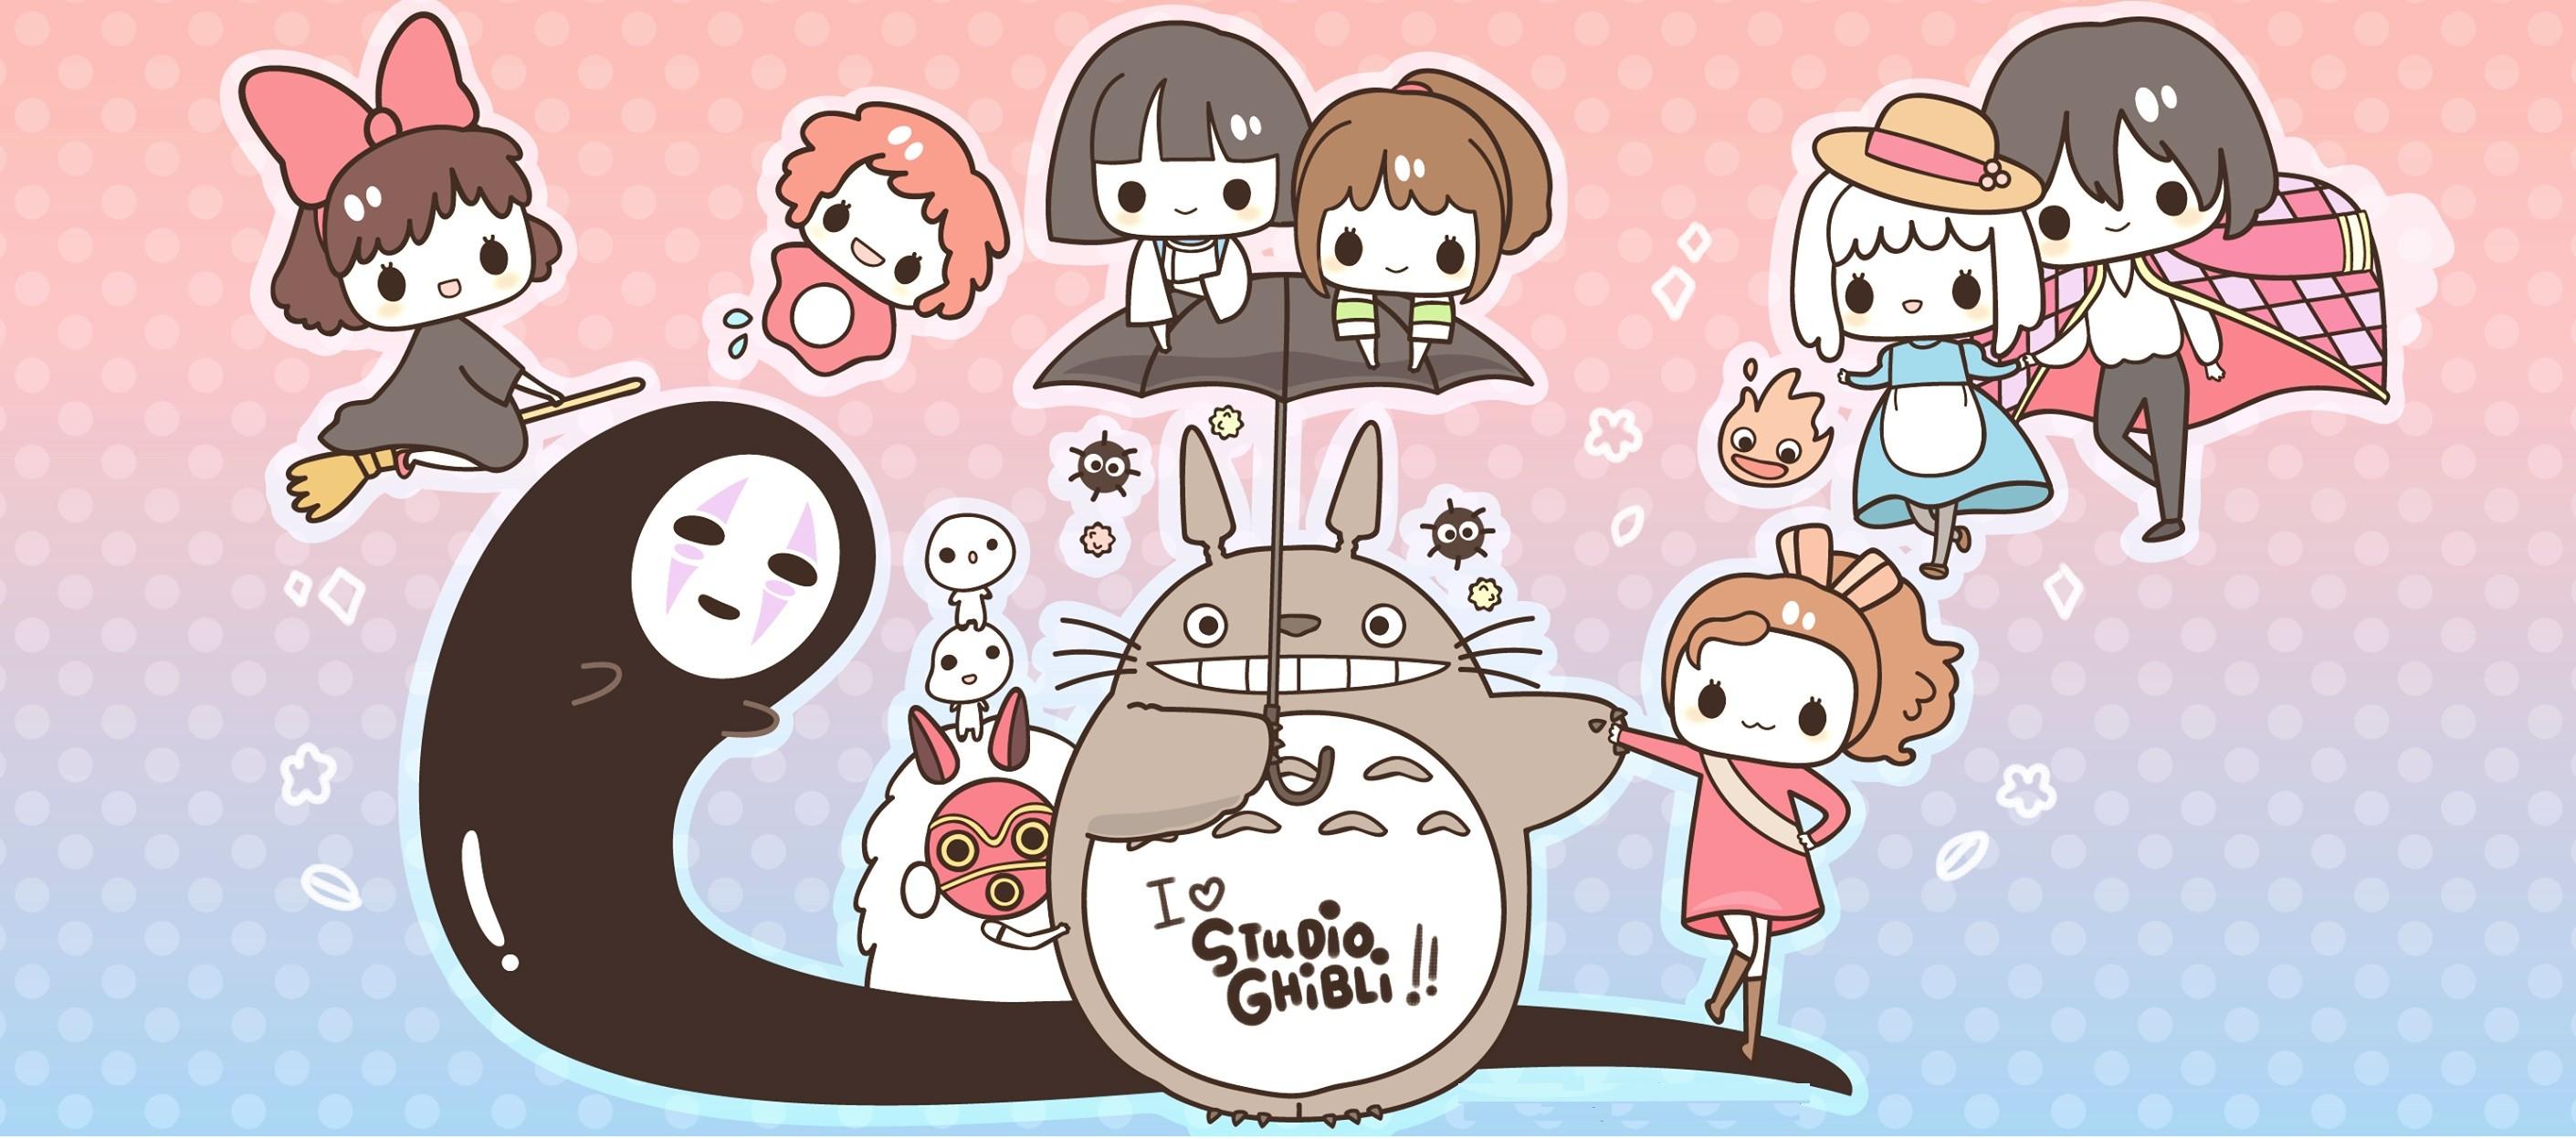 Desktop anime kawaii wallpapers HD.